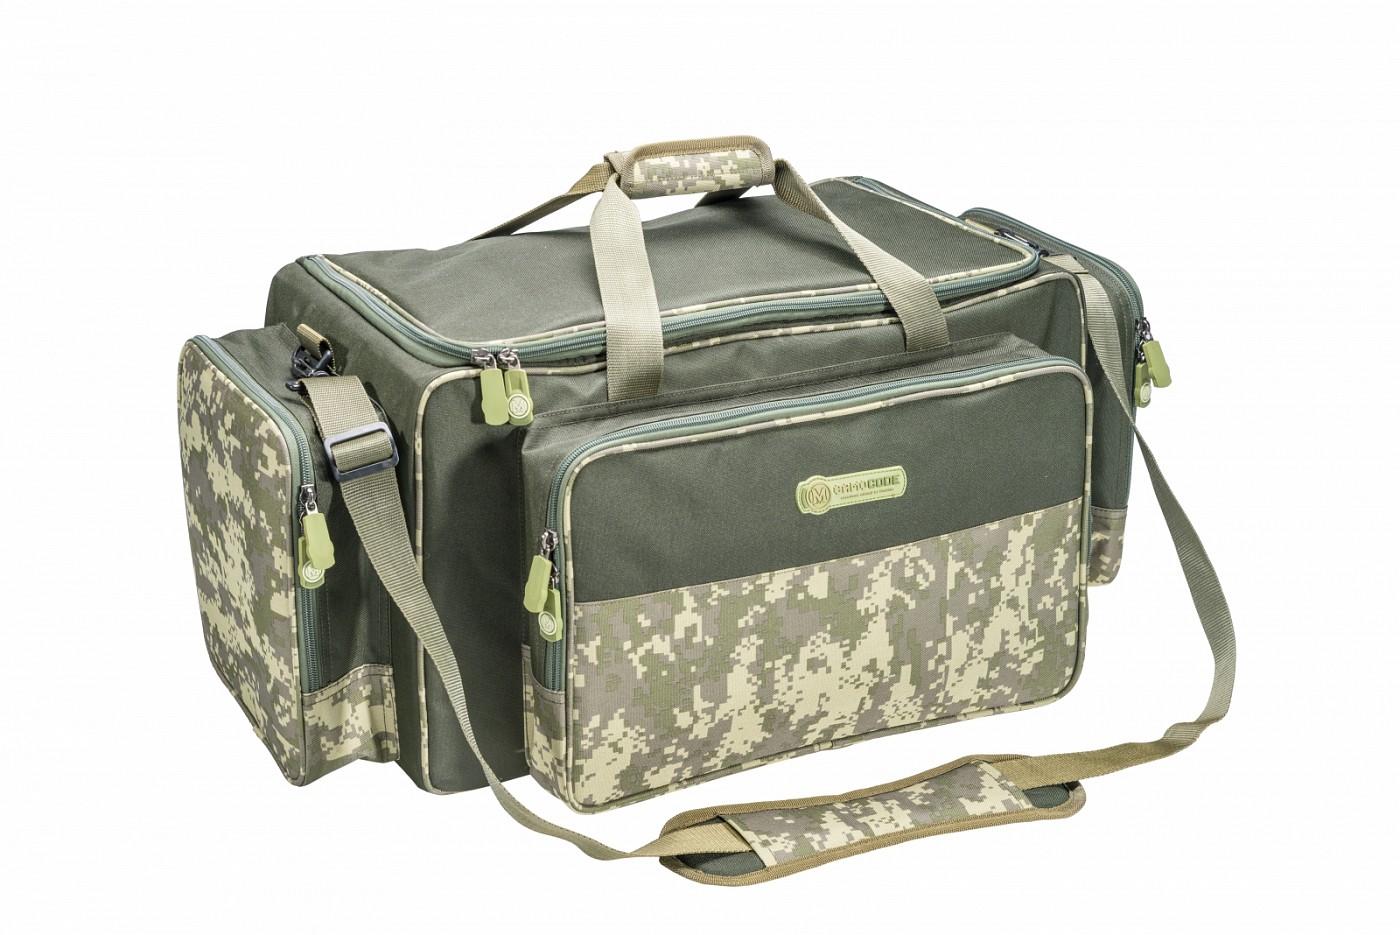 bb7bd936d0 Taška Carryall CamoCODE Large   Tašky a obaly   kaprárske tašky. 〉